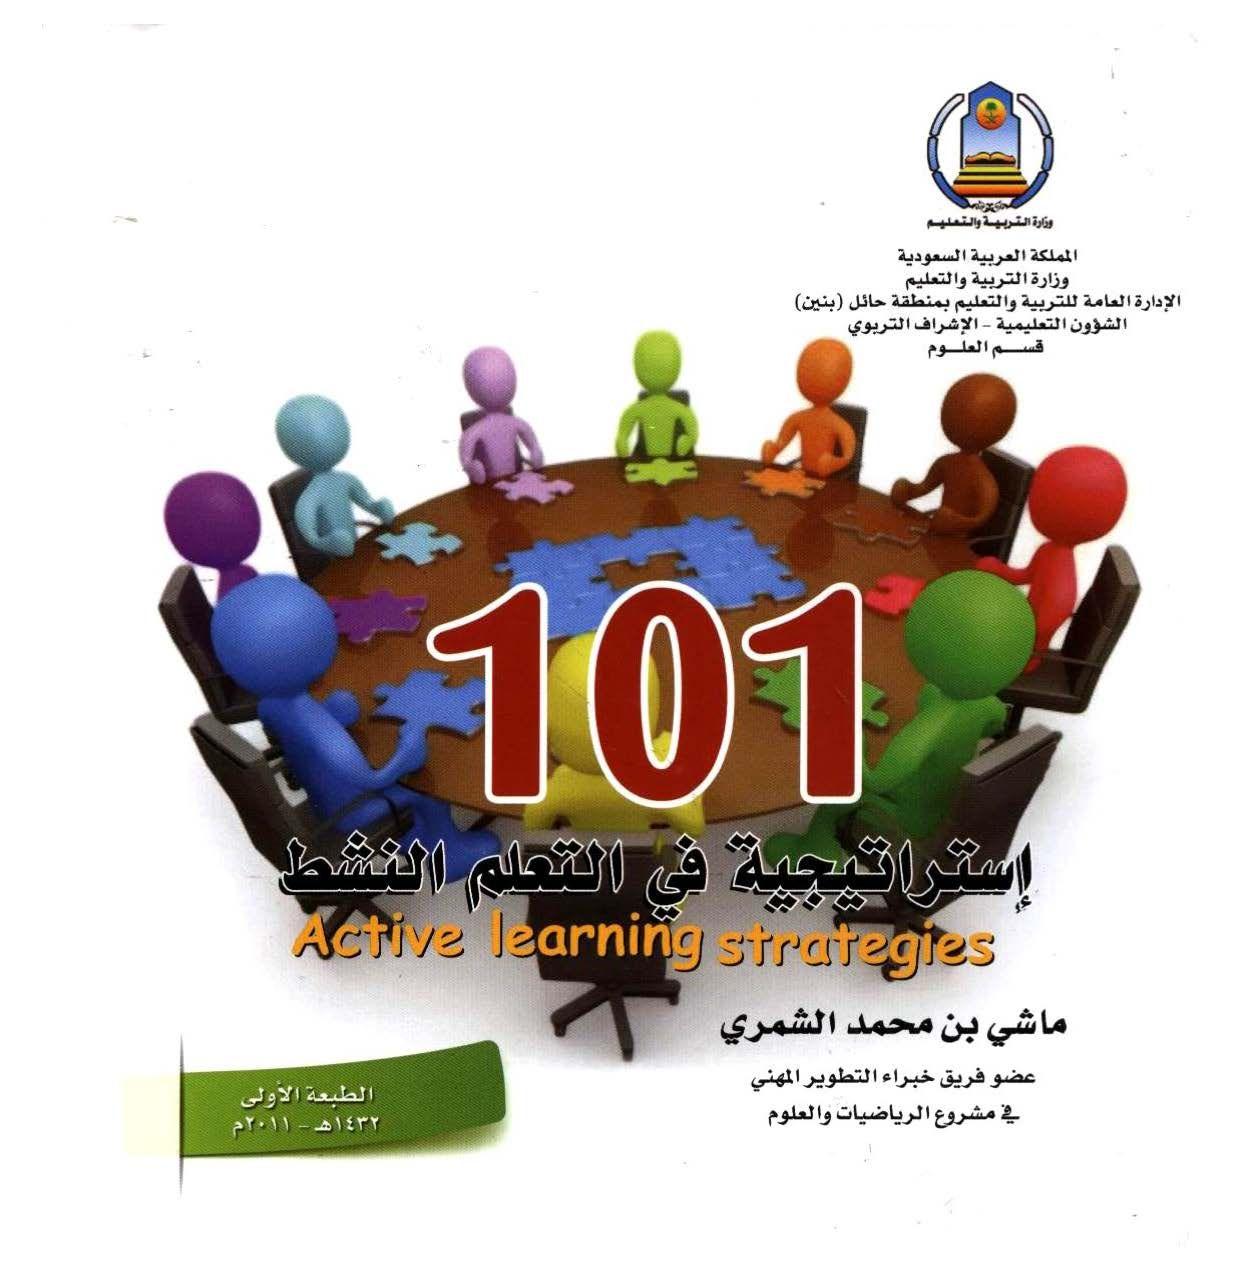 كتاب 101 استراتيجية في التعليم النشط ماشي الشمري Pdf مجانا على روابط مباشرة Happy Wednesday Quotes Pops Cereal Box Learning